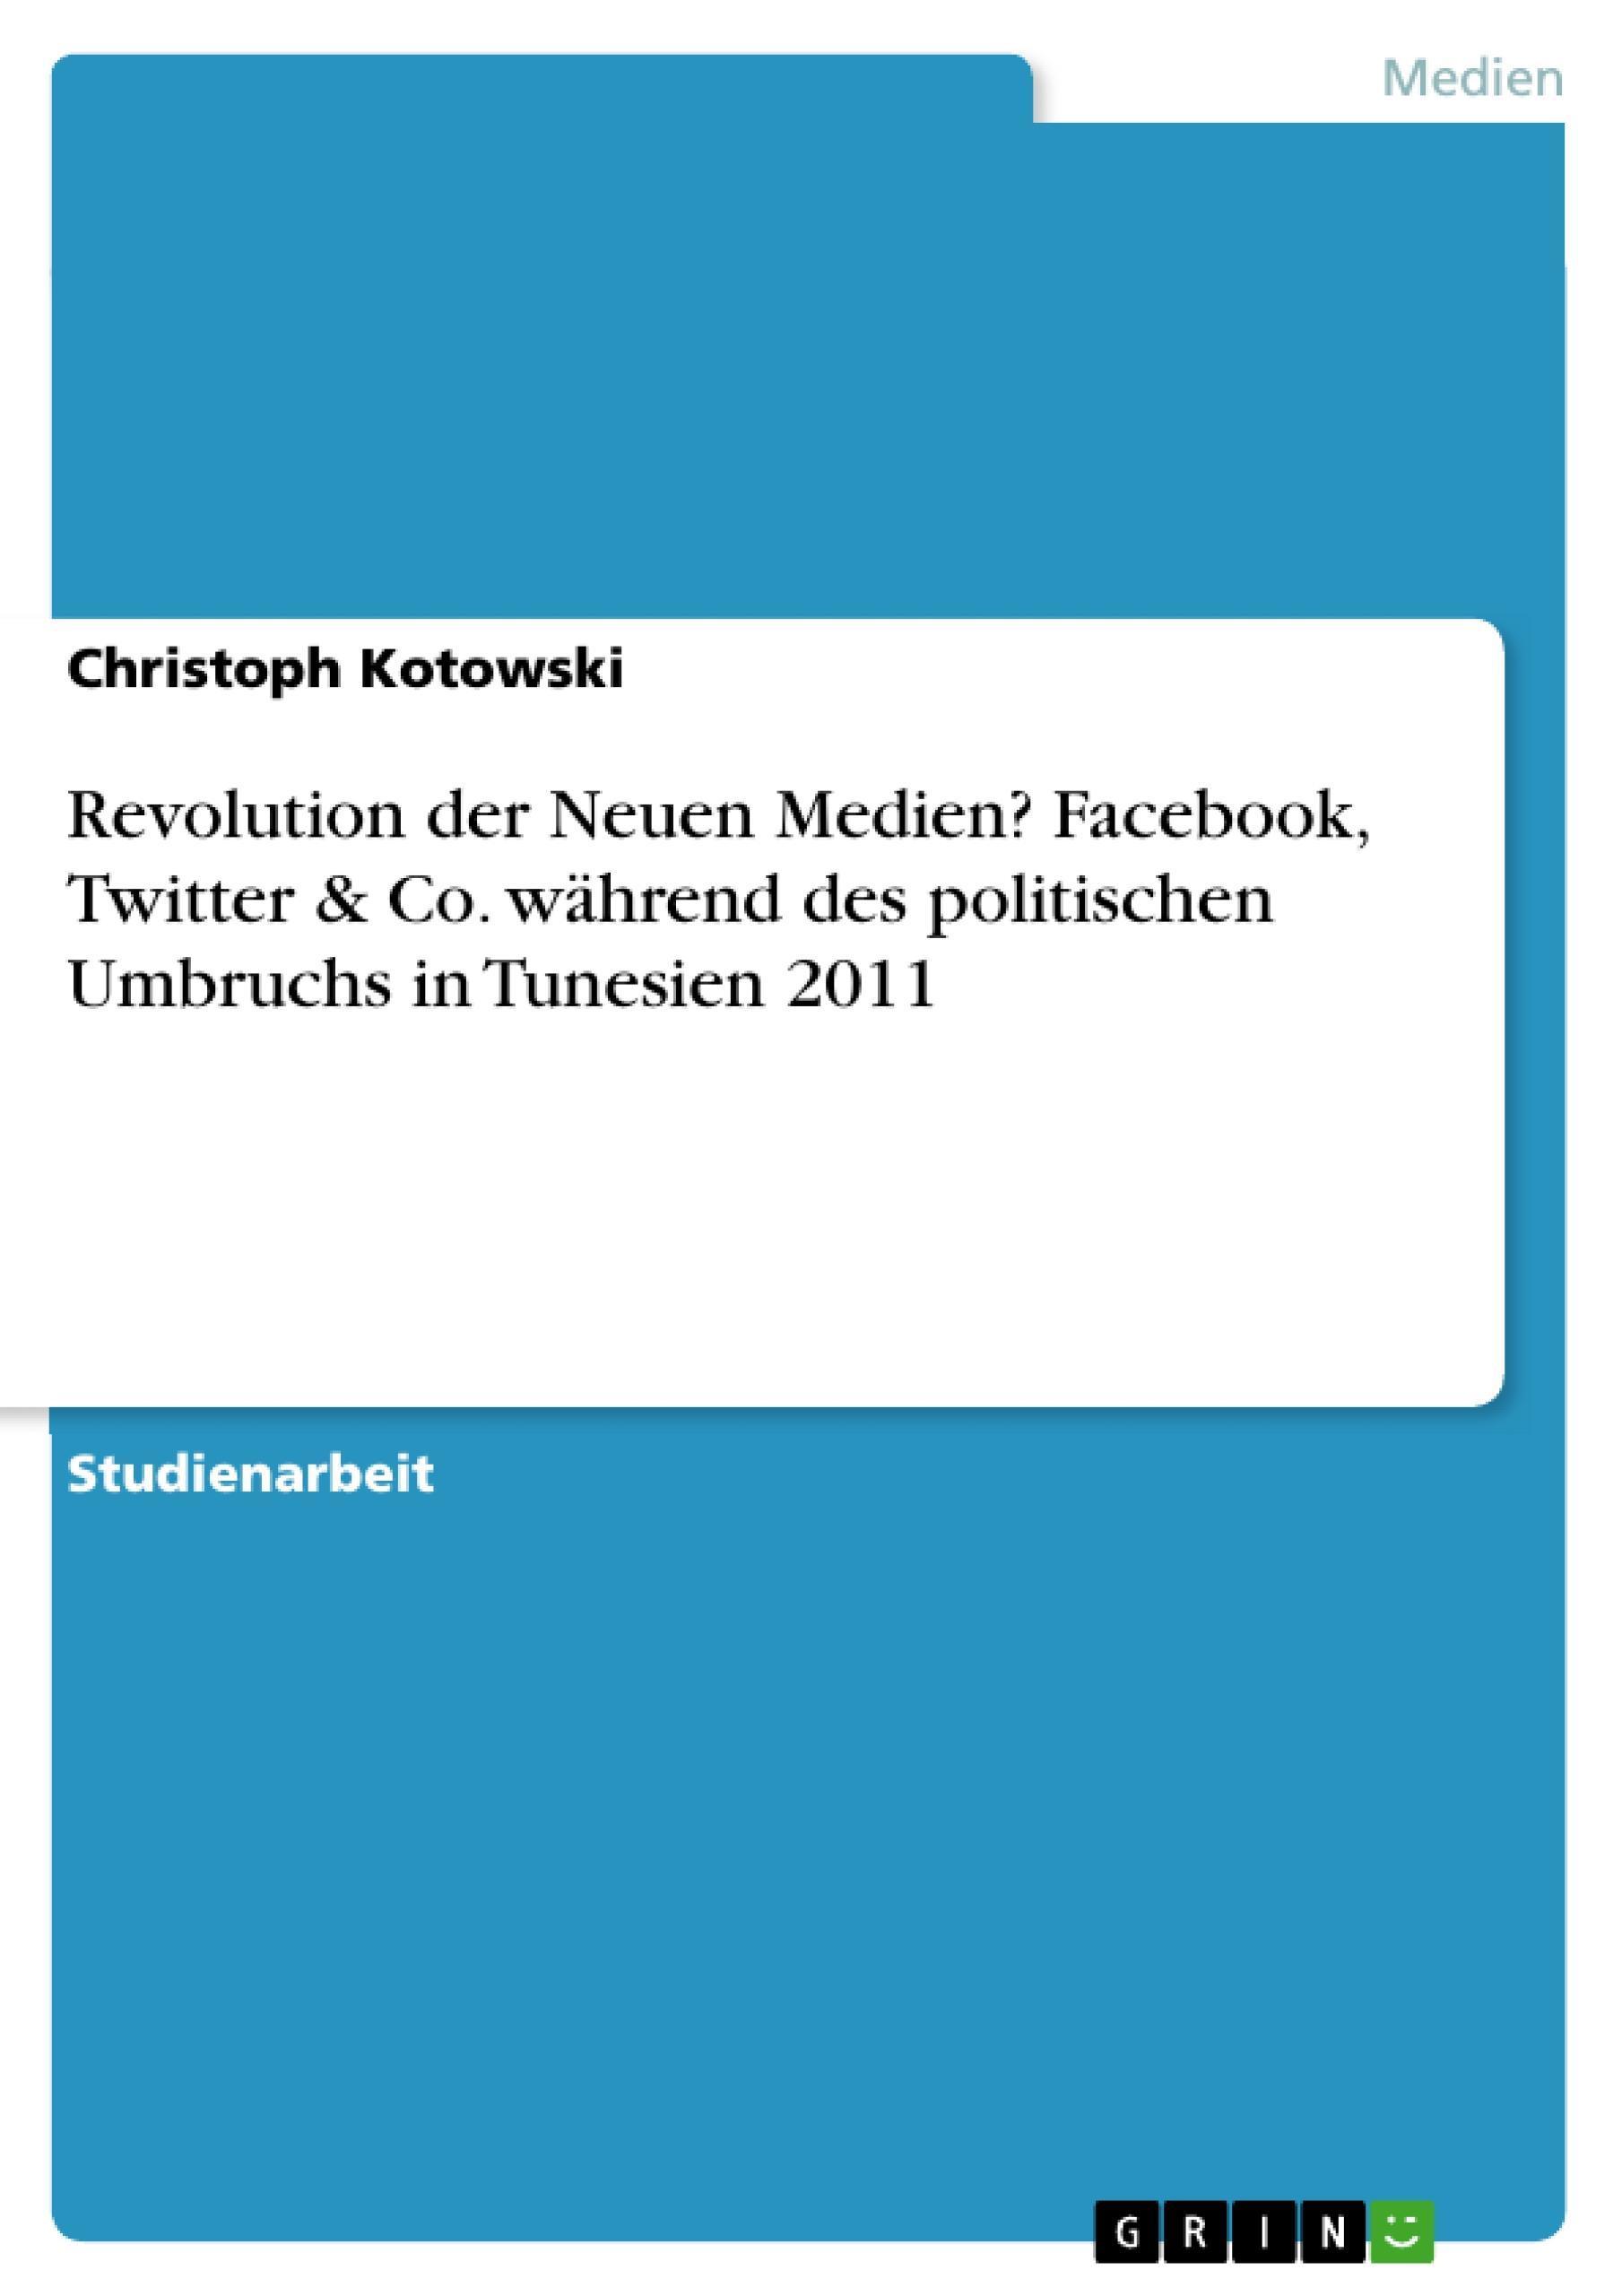 Revolution der Neuen Medien? Facebook, Twitter & Co. während des politische ...